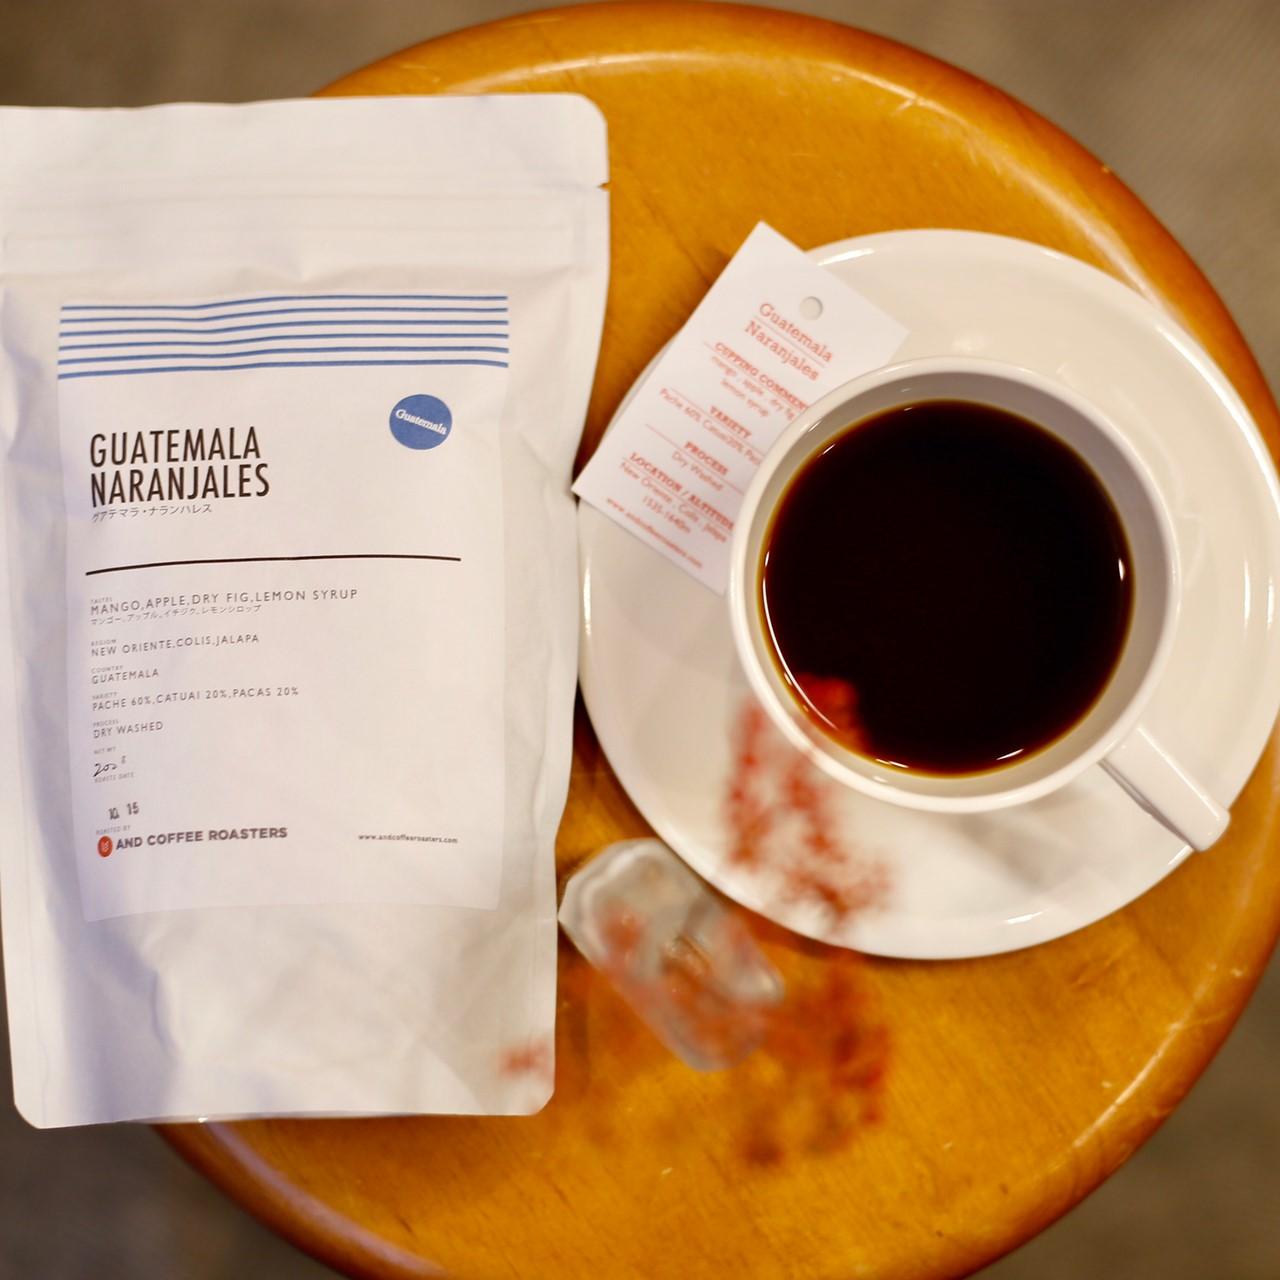 【再入荷!】GOOD COFFEE FARMSからグアテマラ ナランハレスが届きました